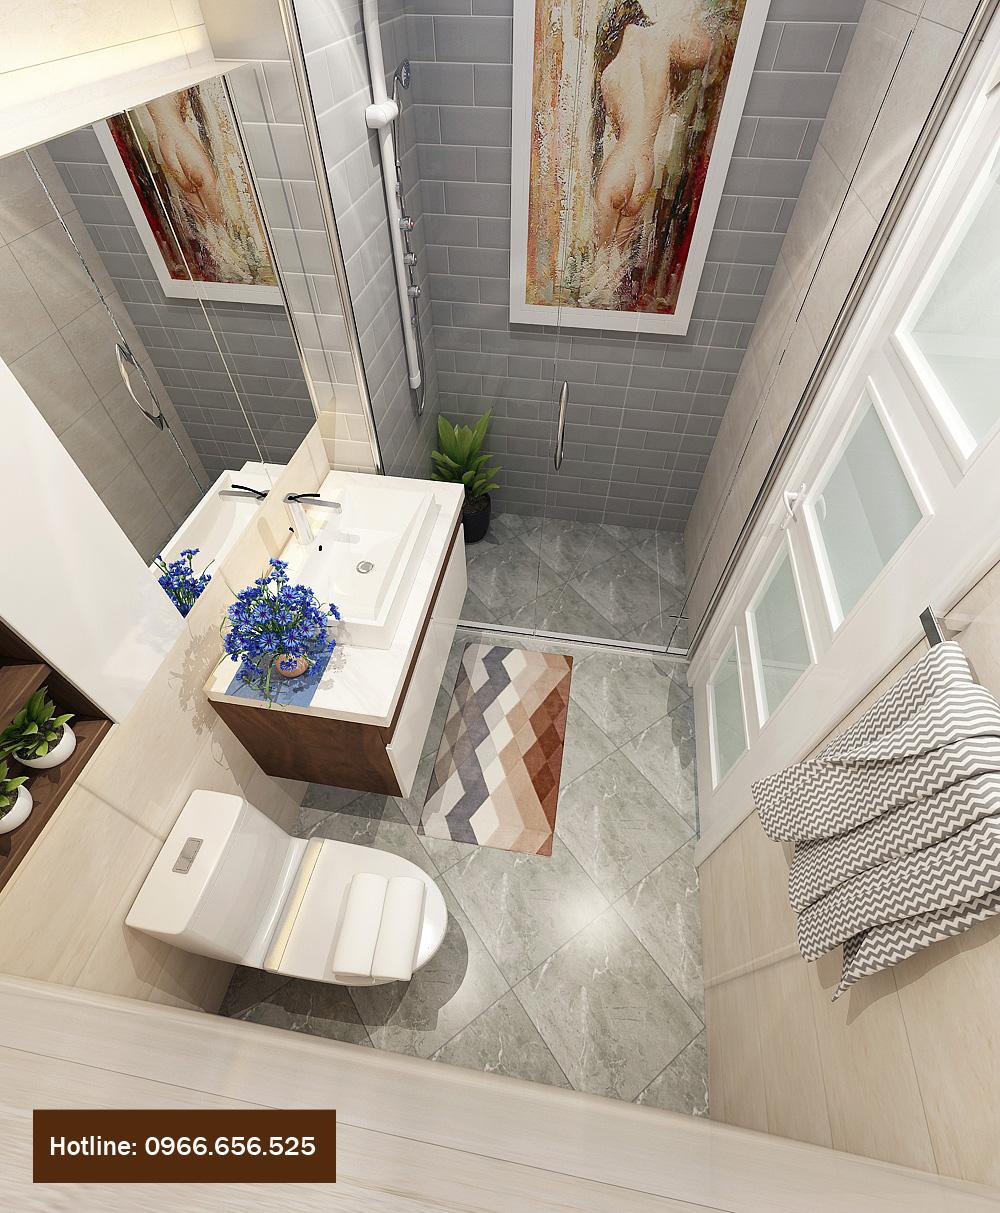 thiết kế nội thất chung cư 4 người ở 18